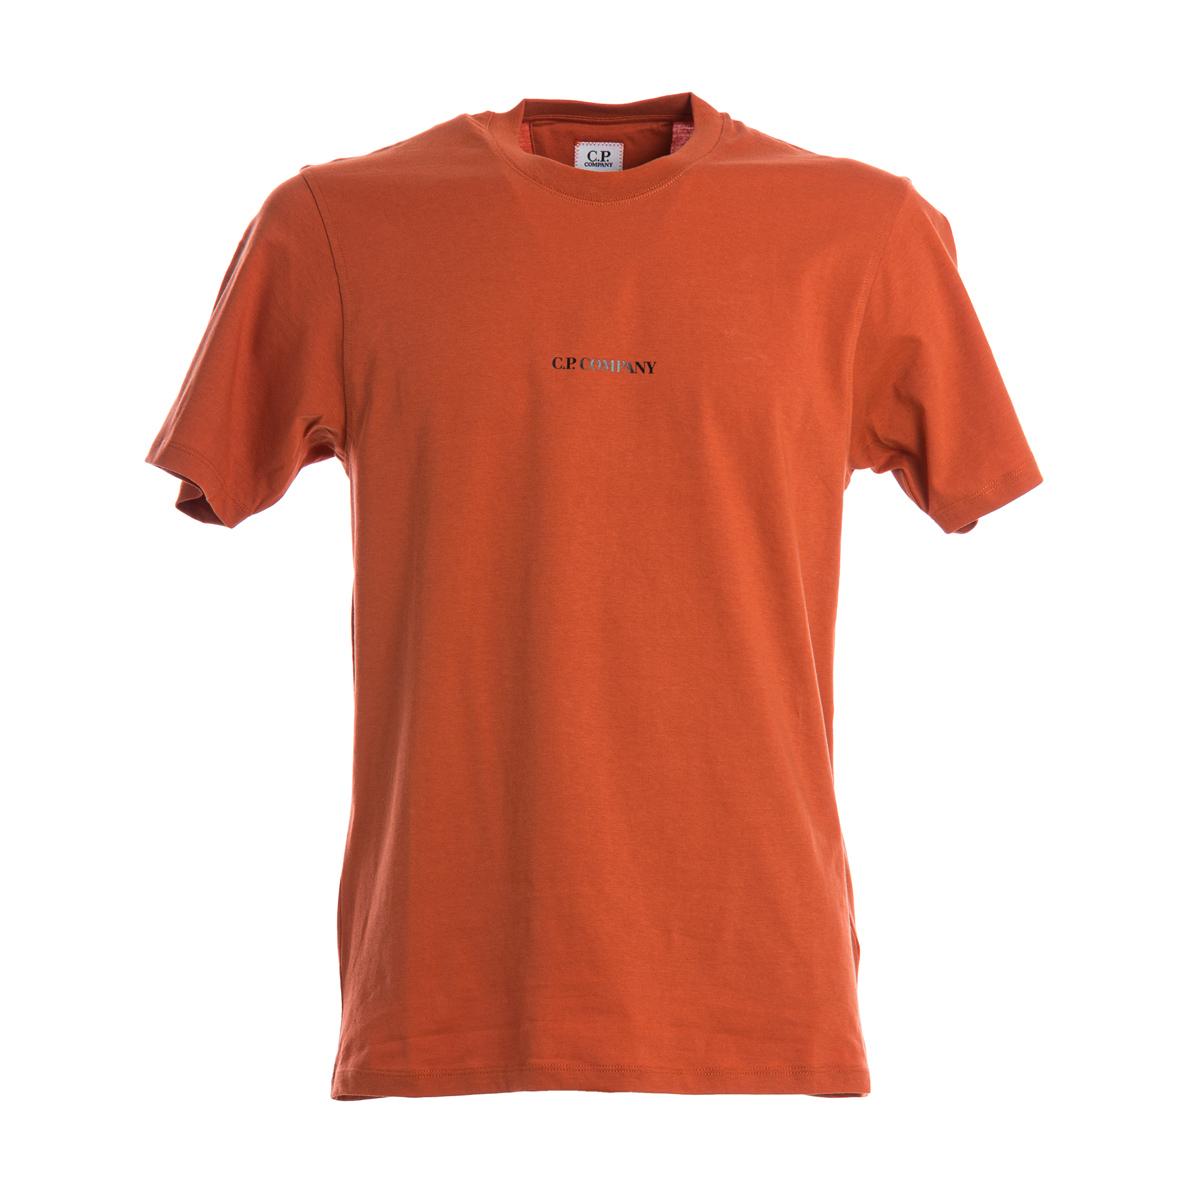 T-Shirt C.P. Company Arancione